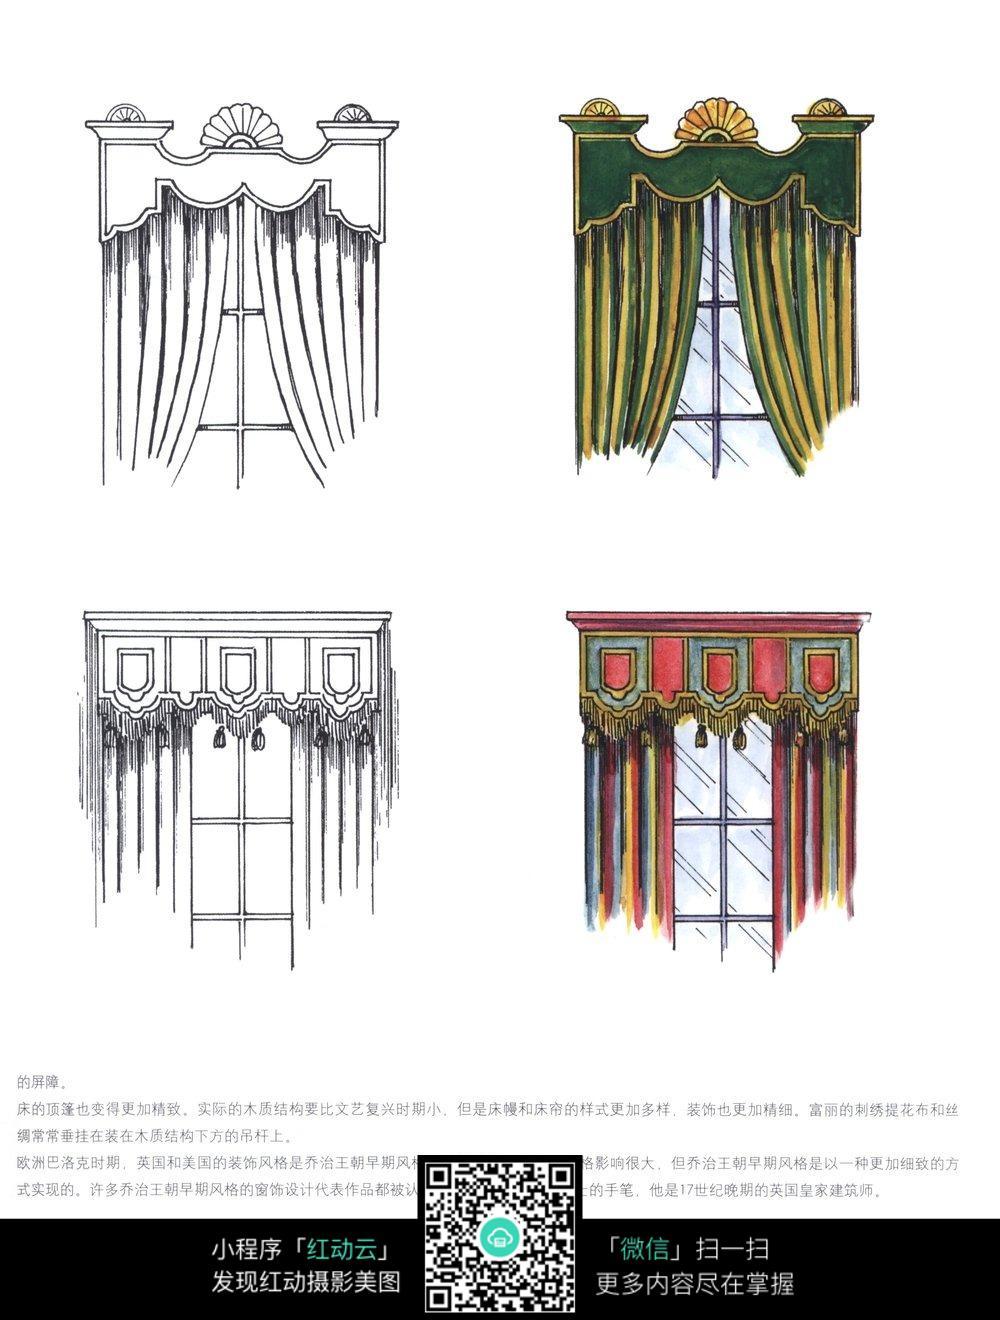 床帘设计 欧式文艺复兴 窗帘设计手绘图 欧式床帘设计稿 彩色窗帘设计